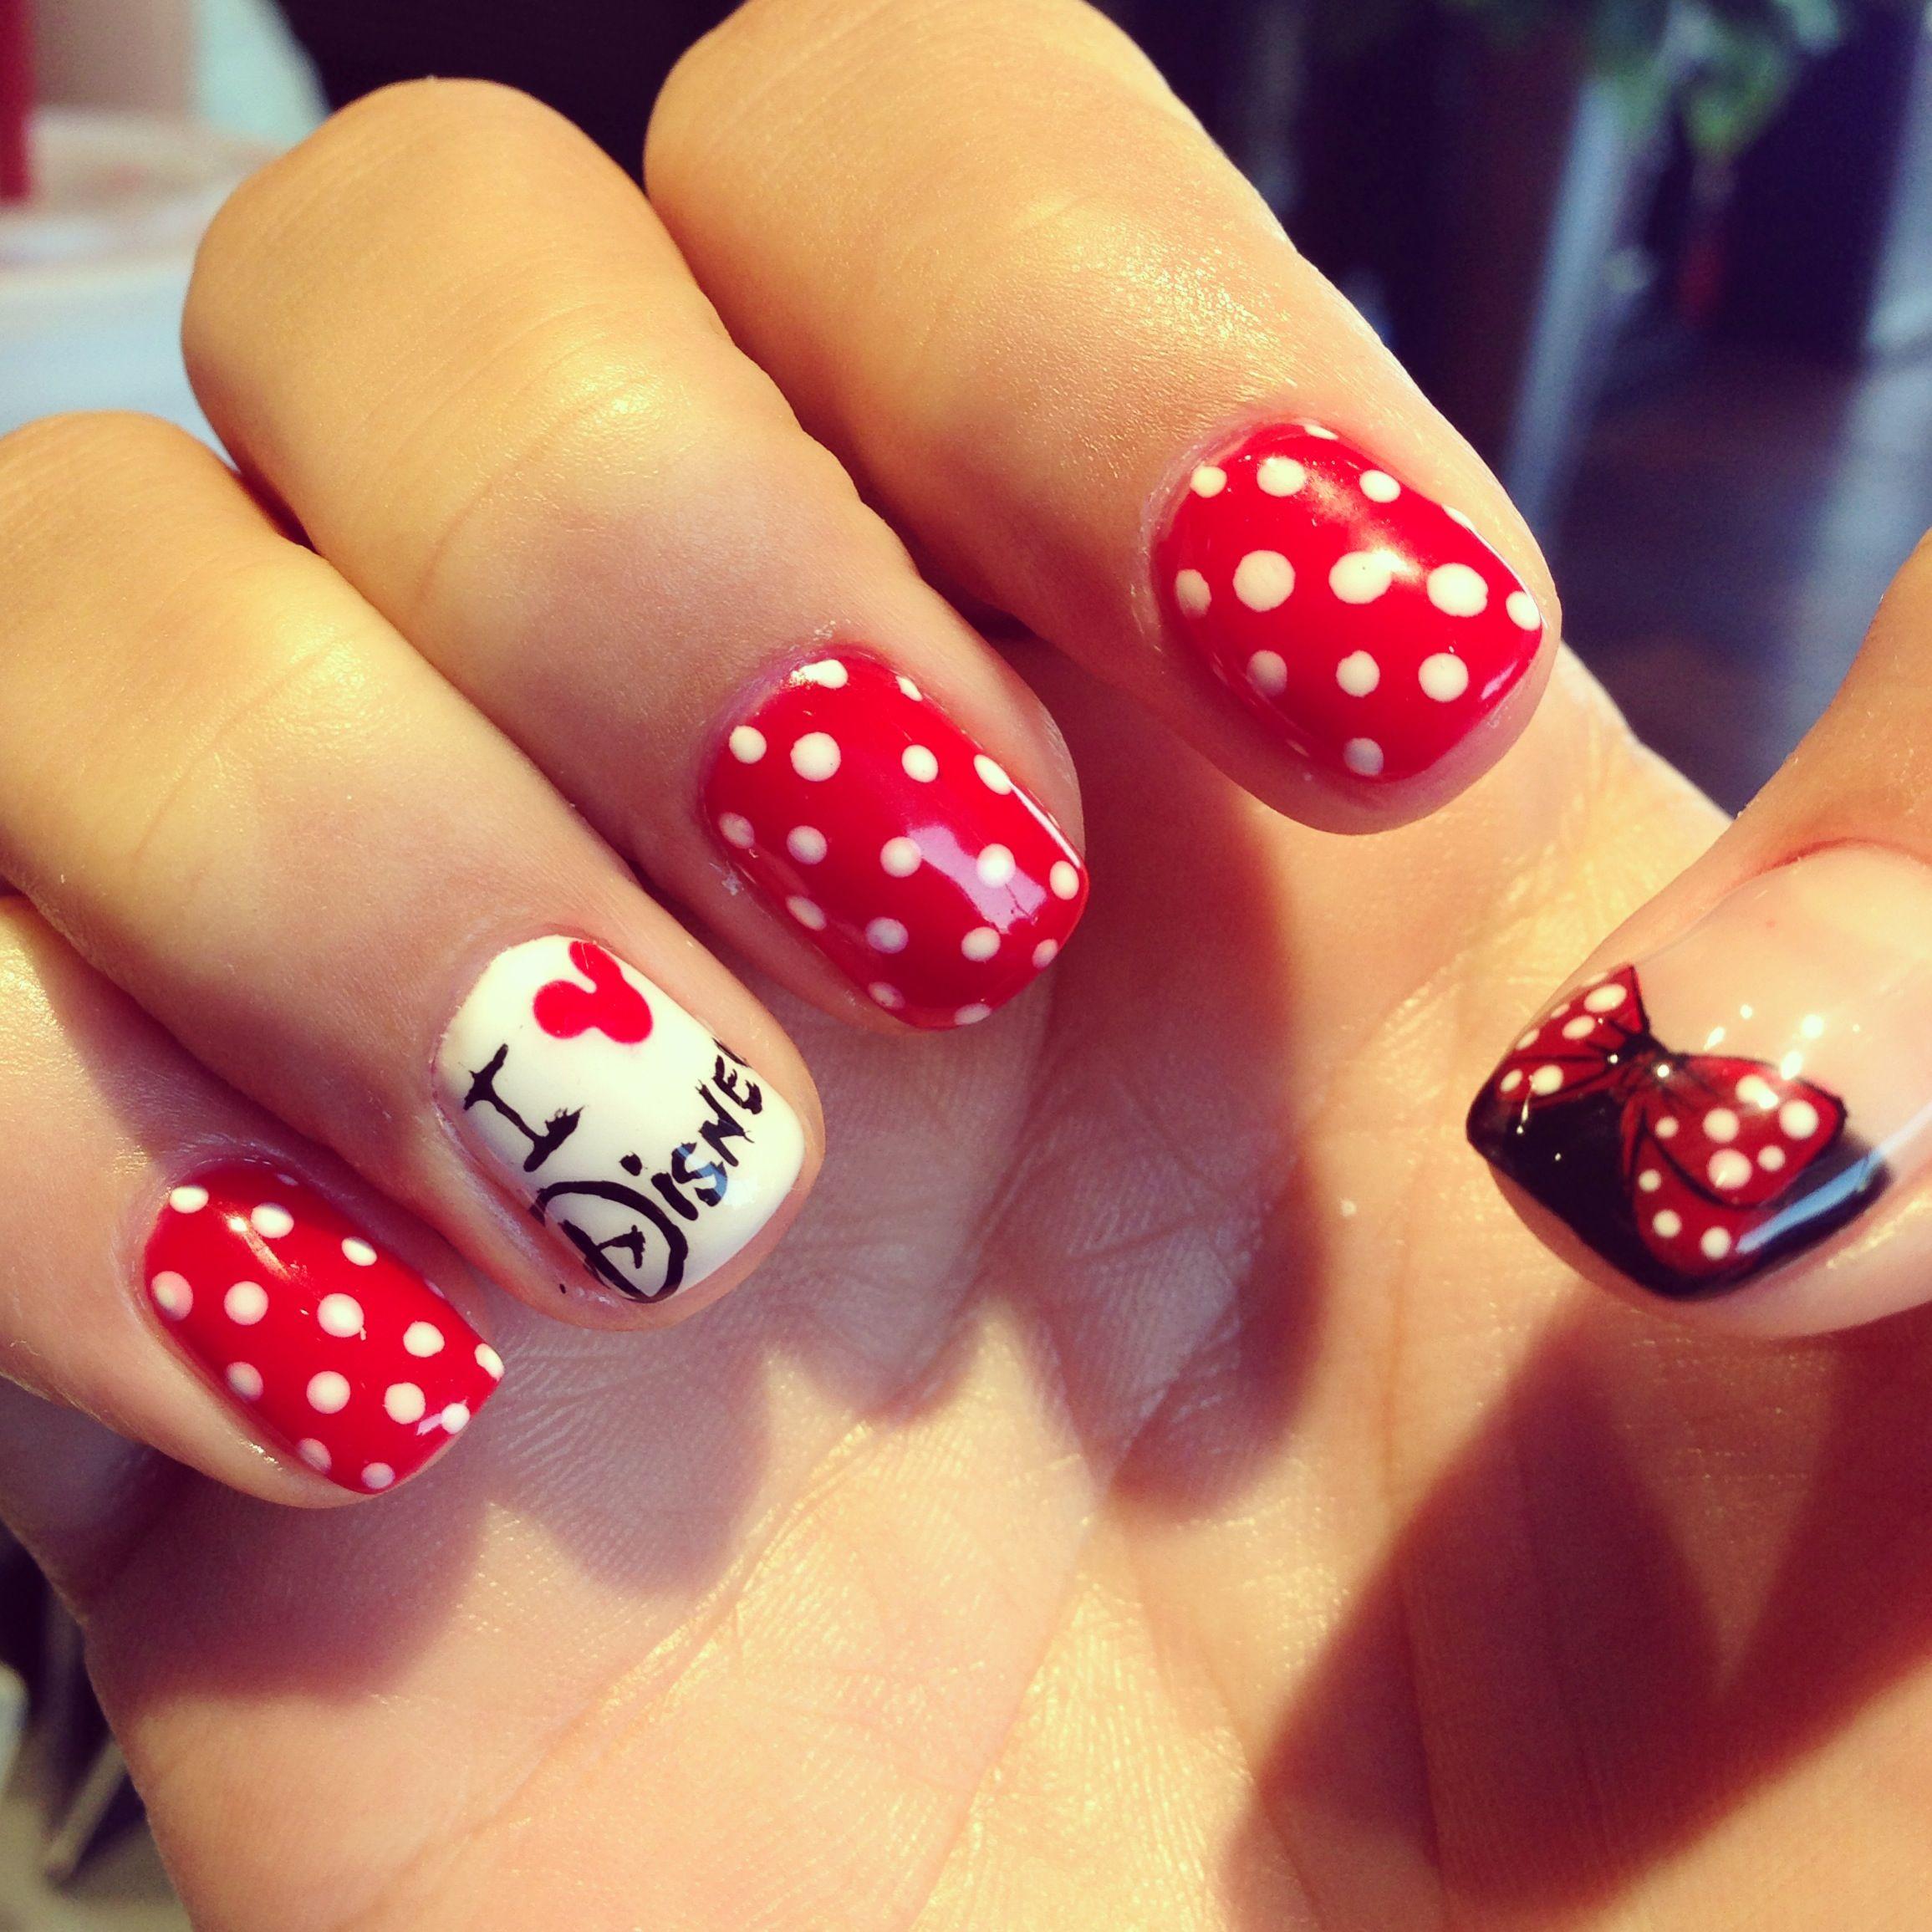 Disney nail art brochure | Diseños de uñas, Manicuras y Pedicura